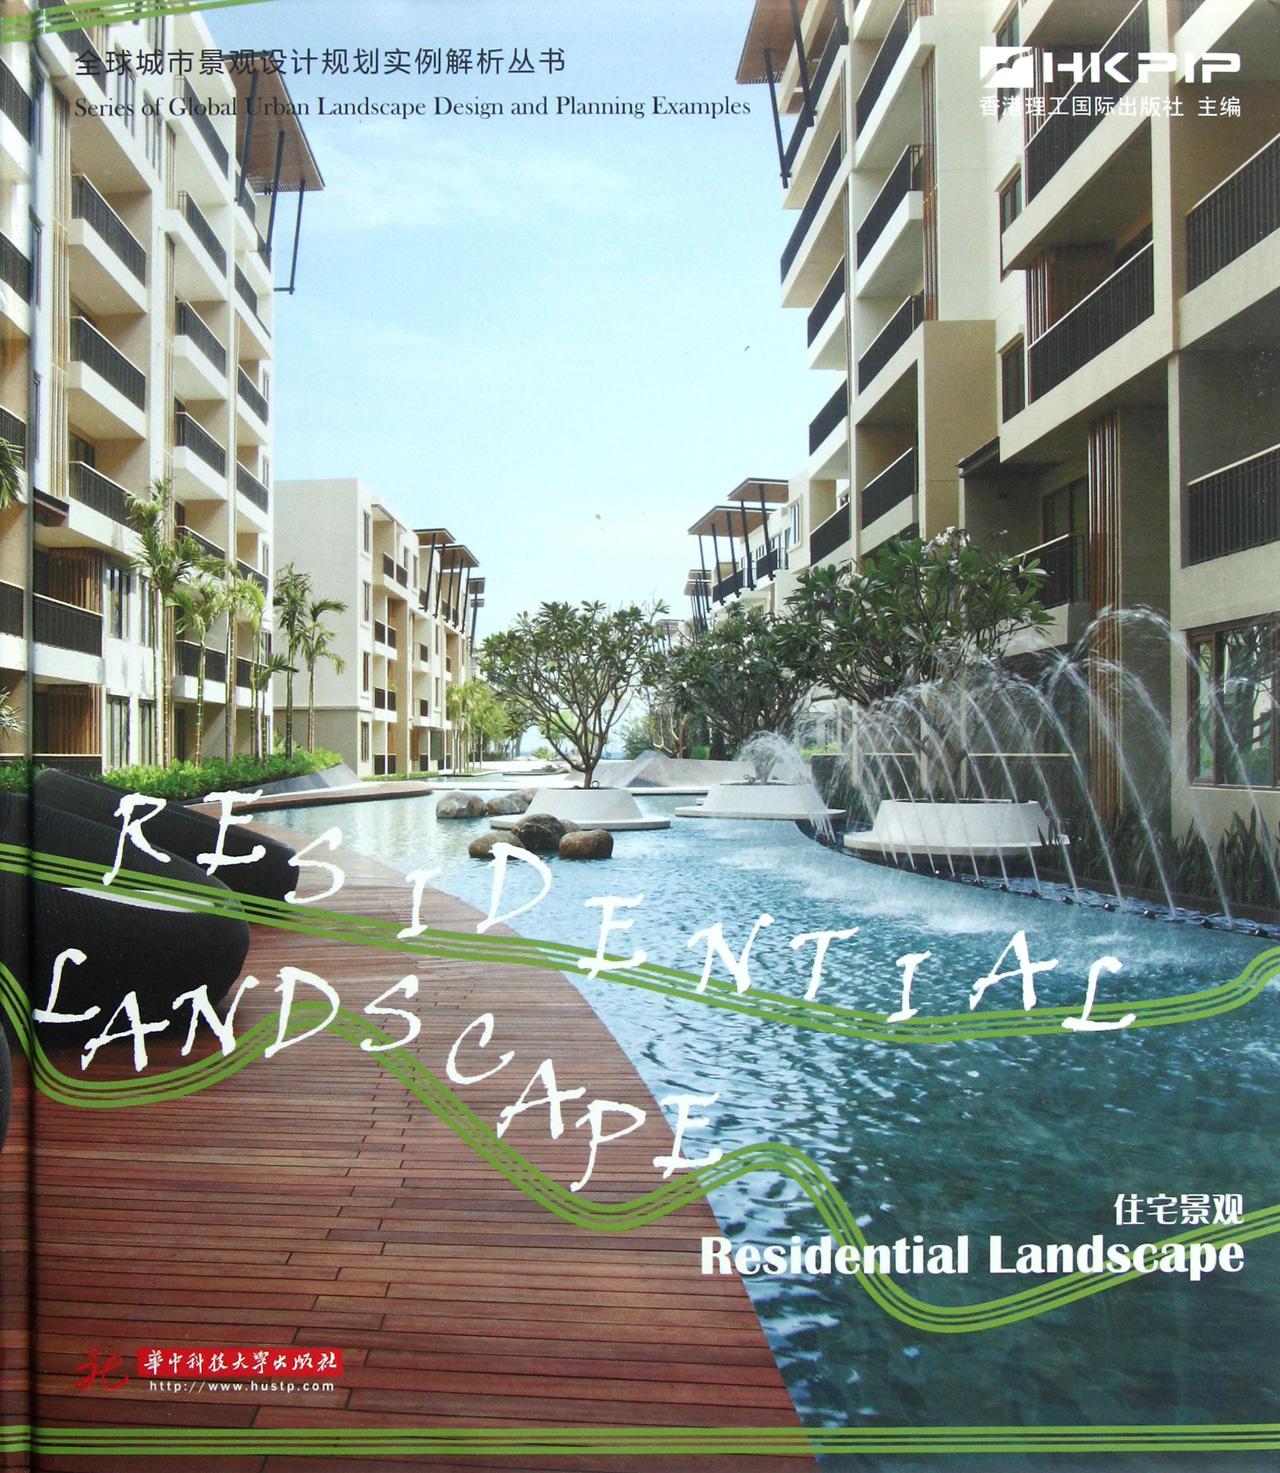 住宅景观;;; 住宅景观(精)/全球城市景观设计规划实例解析丛书书香港